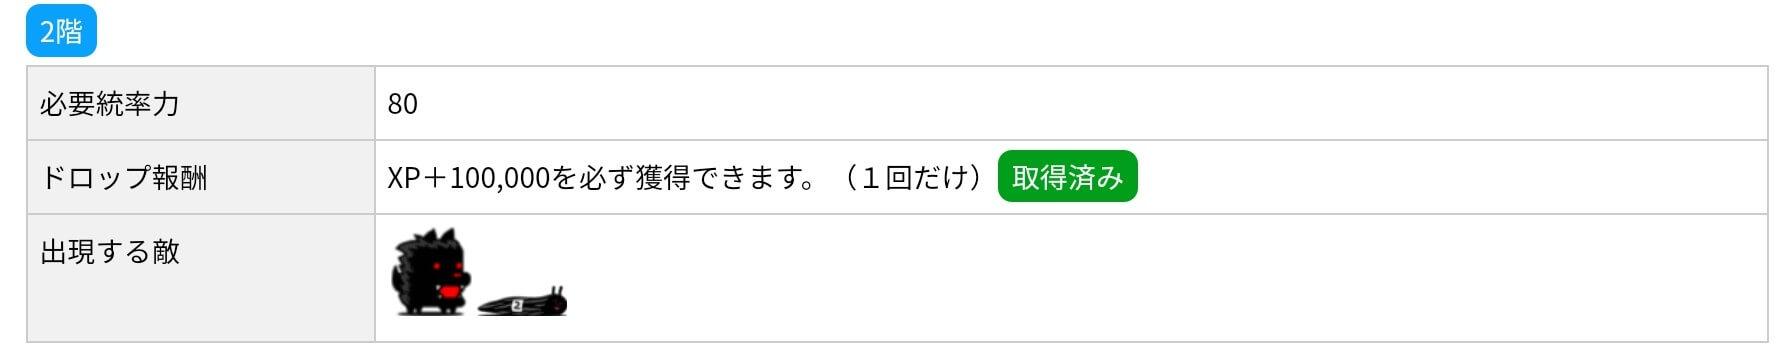 にゃんこ別塔(黒)2階 敵編成